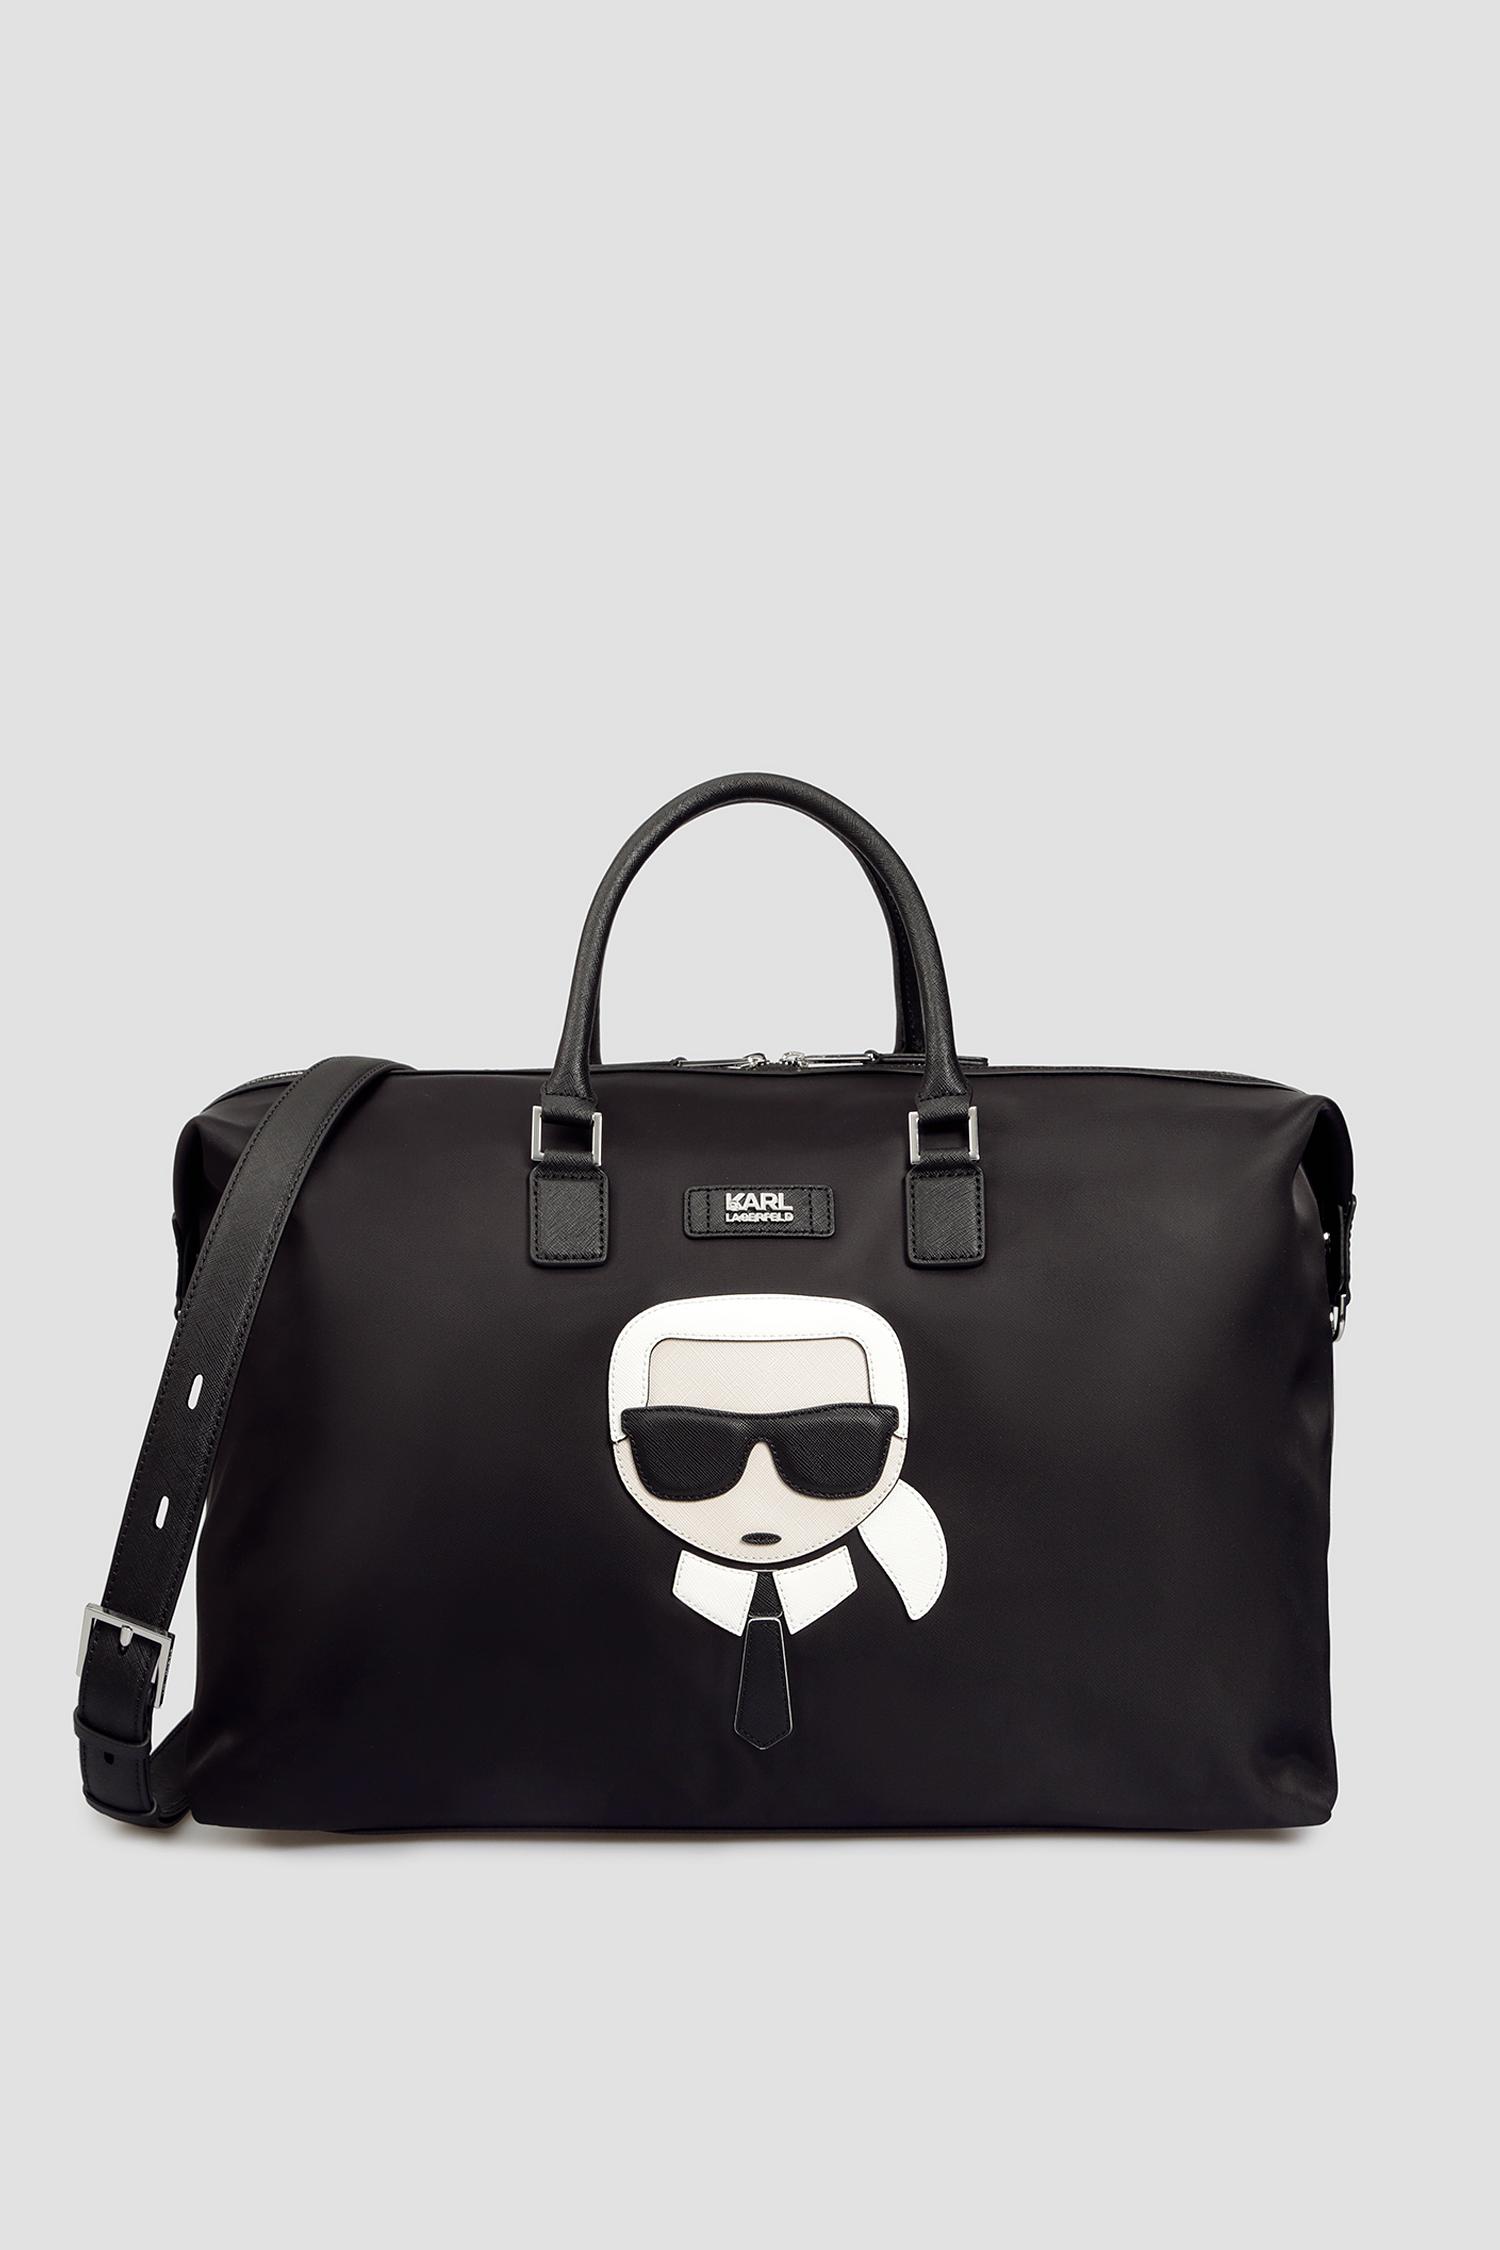 Черная дорожная сумка для парней Karl Lagerfeld 501199.805911;990